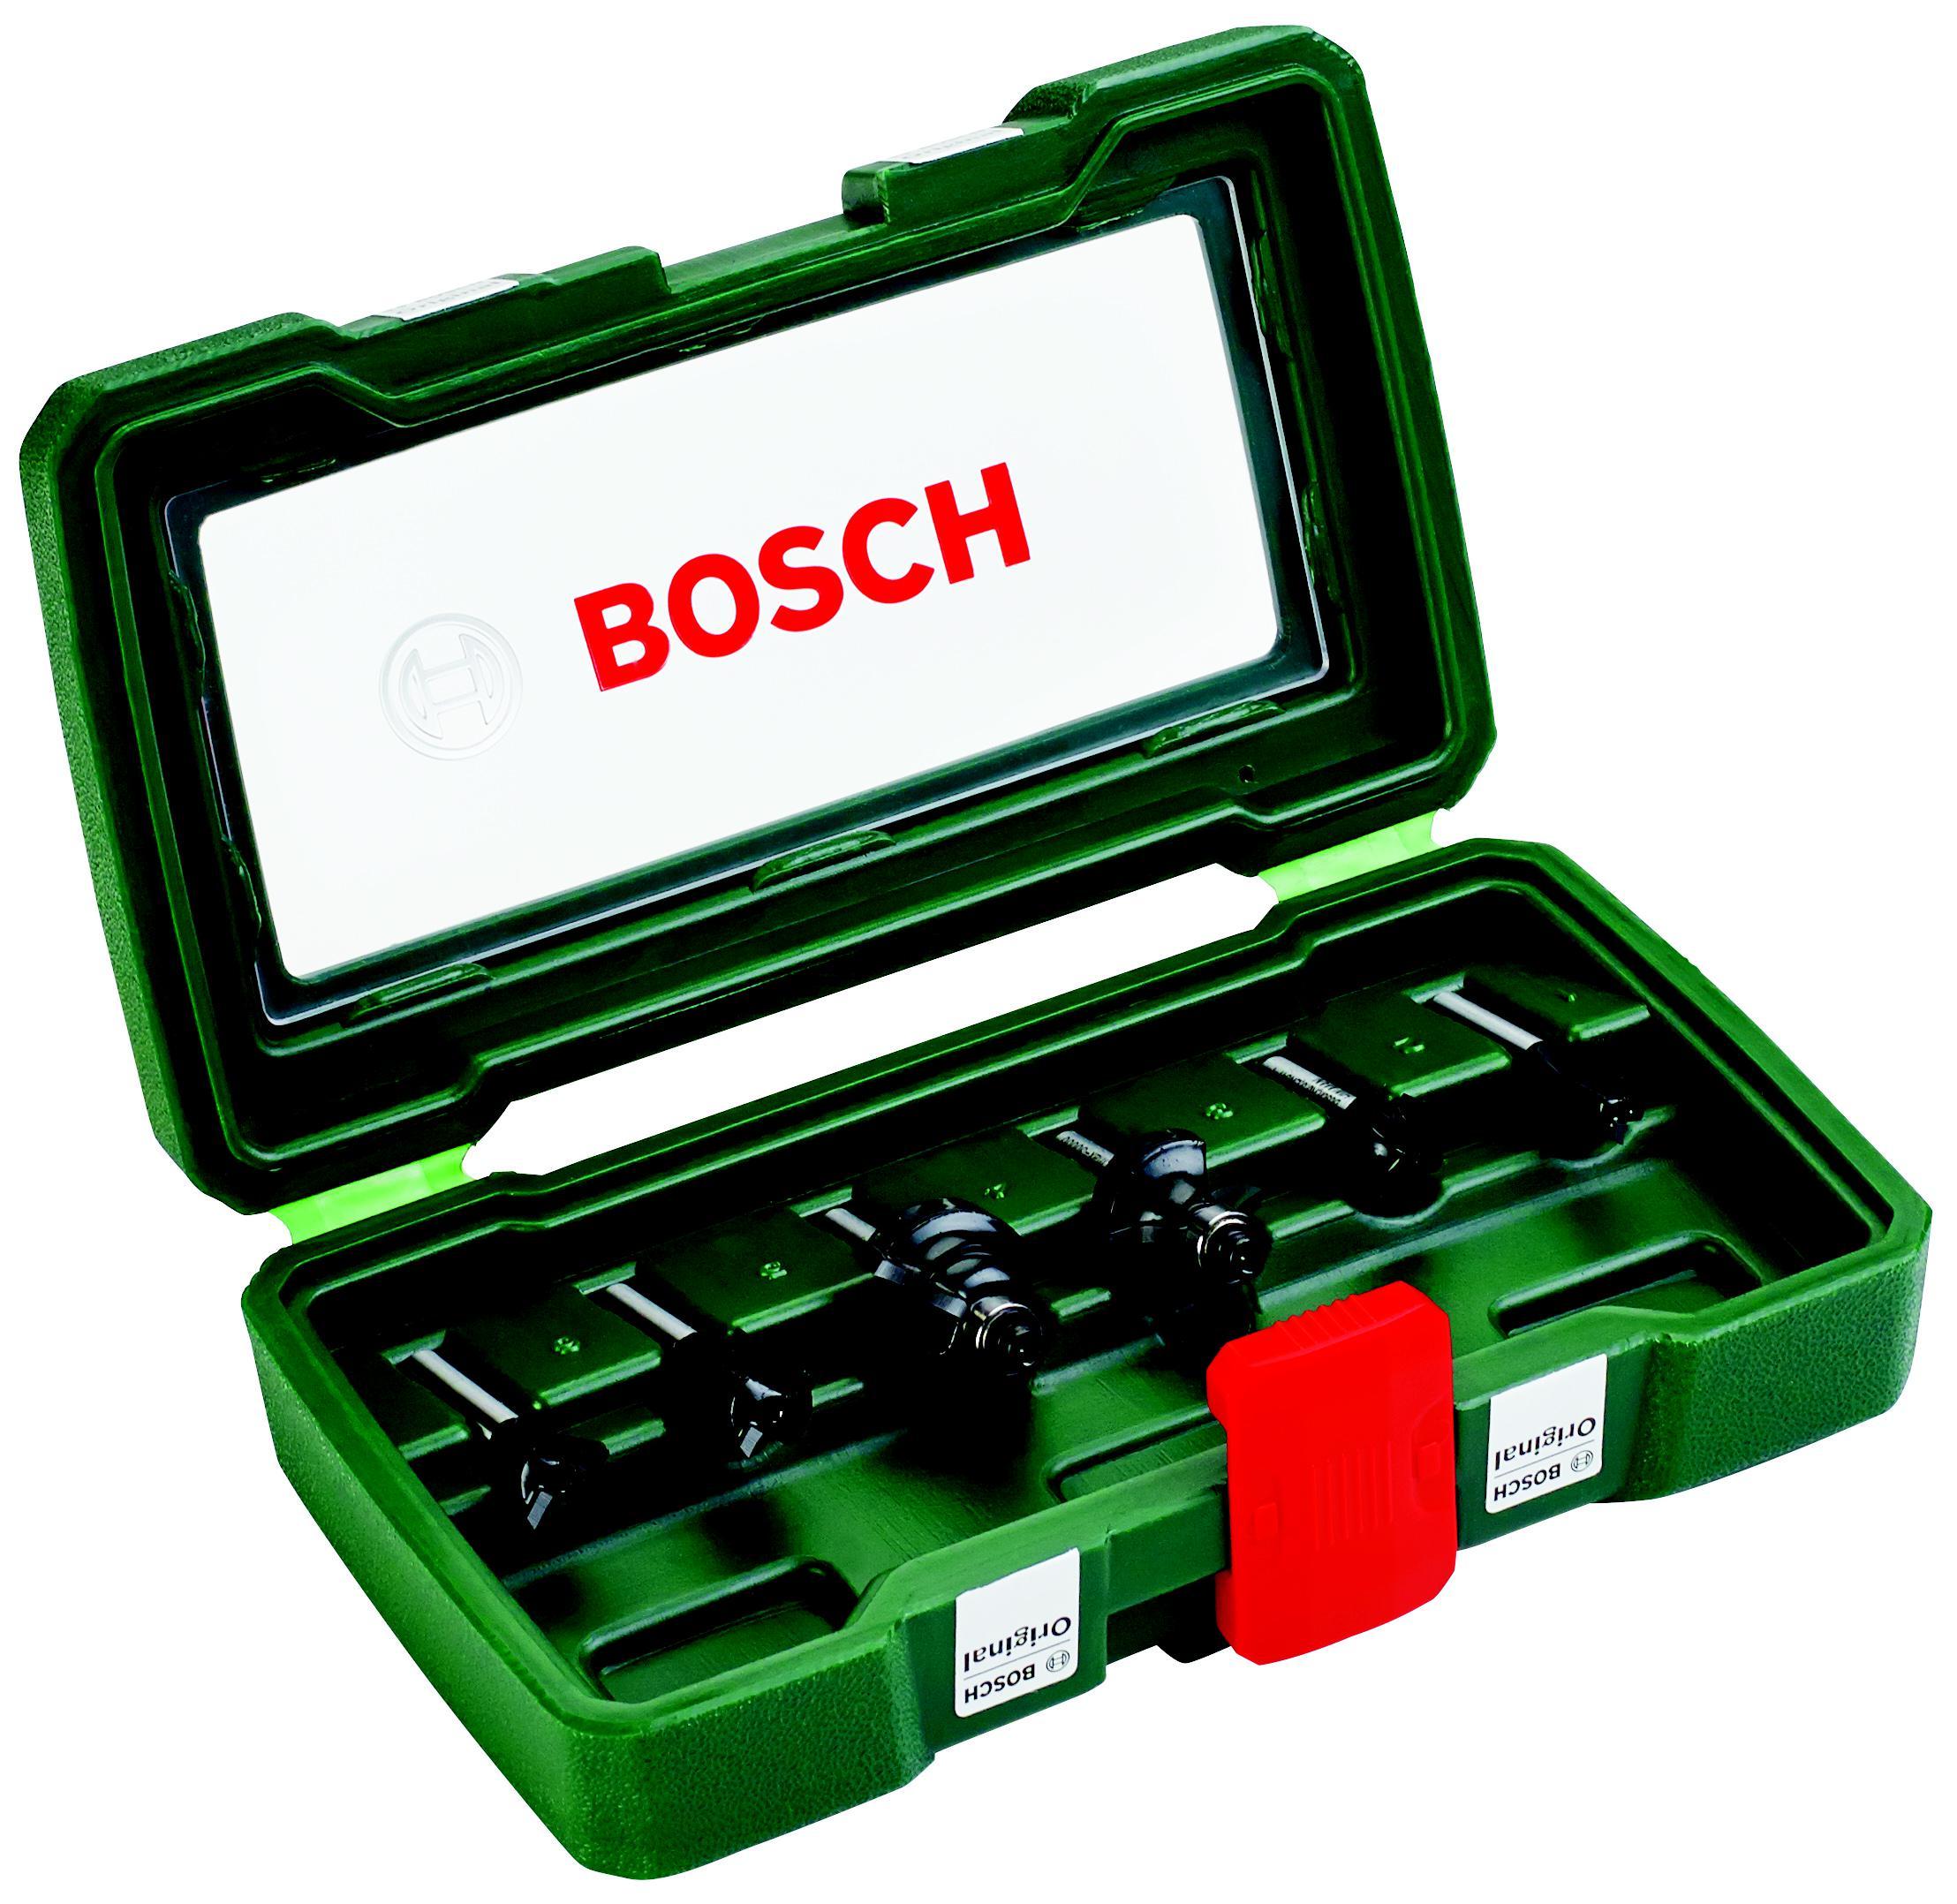 Набор фрез Bosch 6шт., хвостовик 6мм (2.607.019.464) набор фрез metabo 6шт